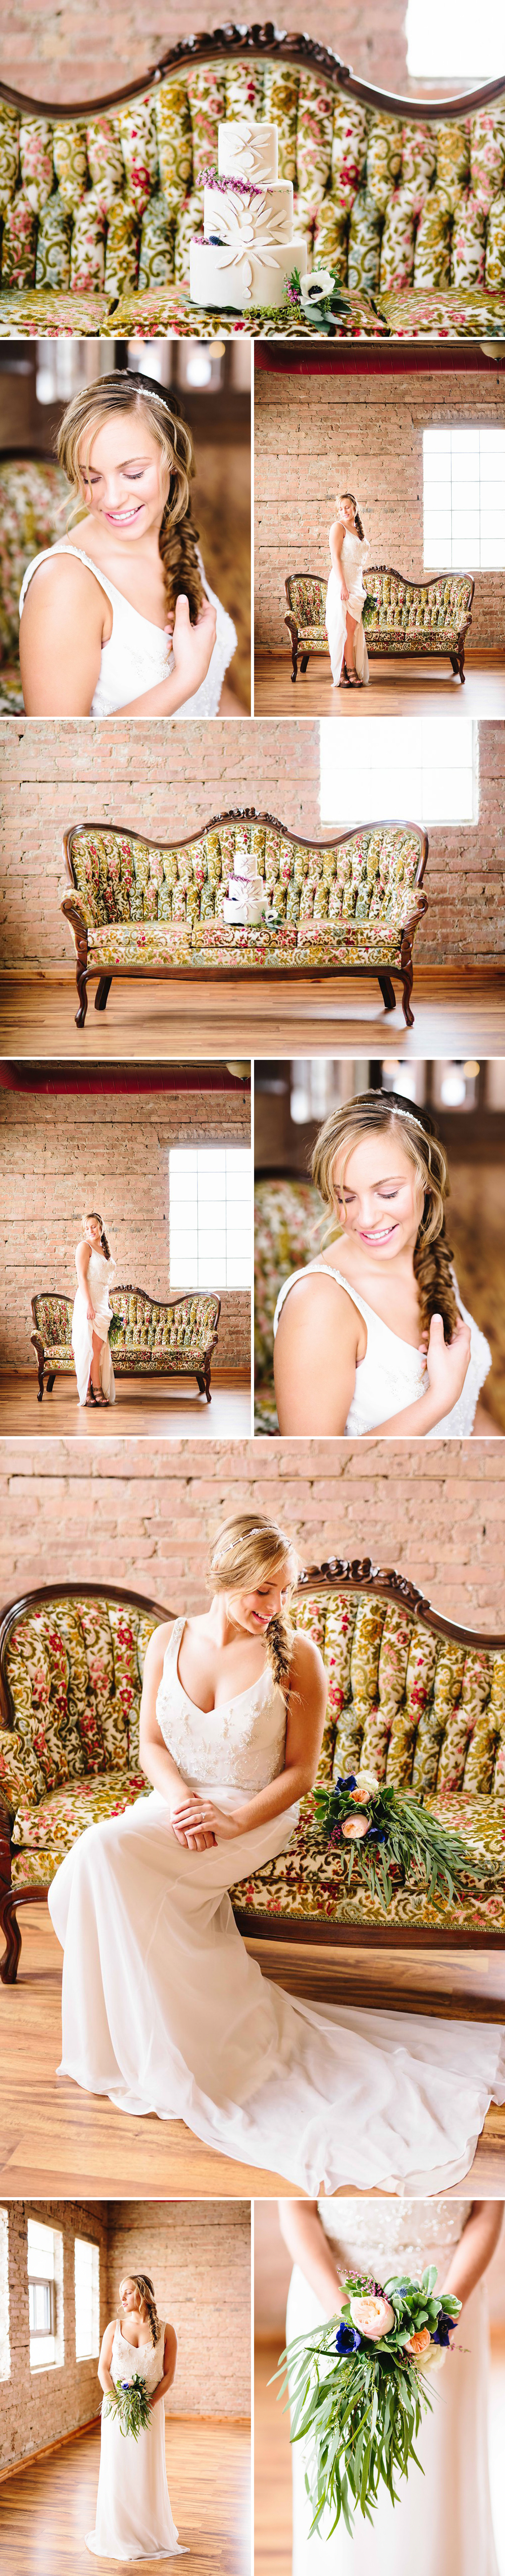 chicago-fine-art-wedding-photography-starline3